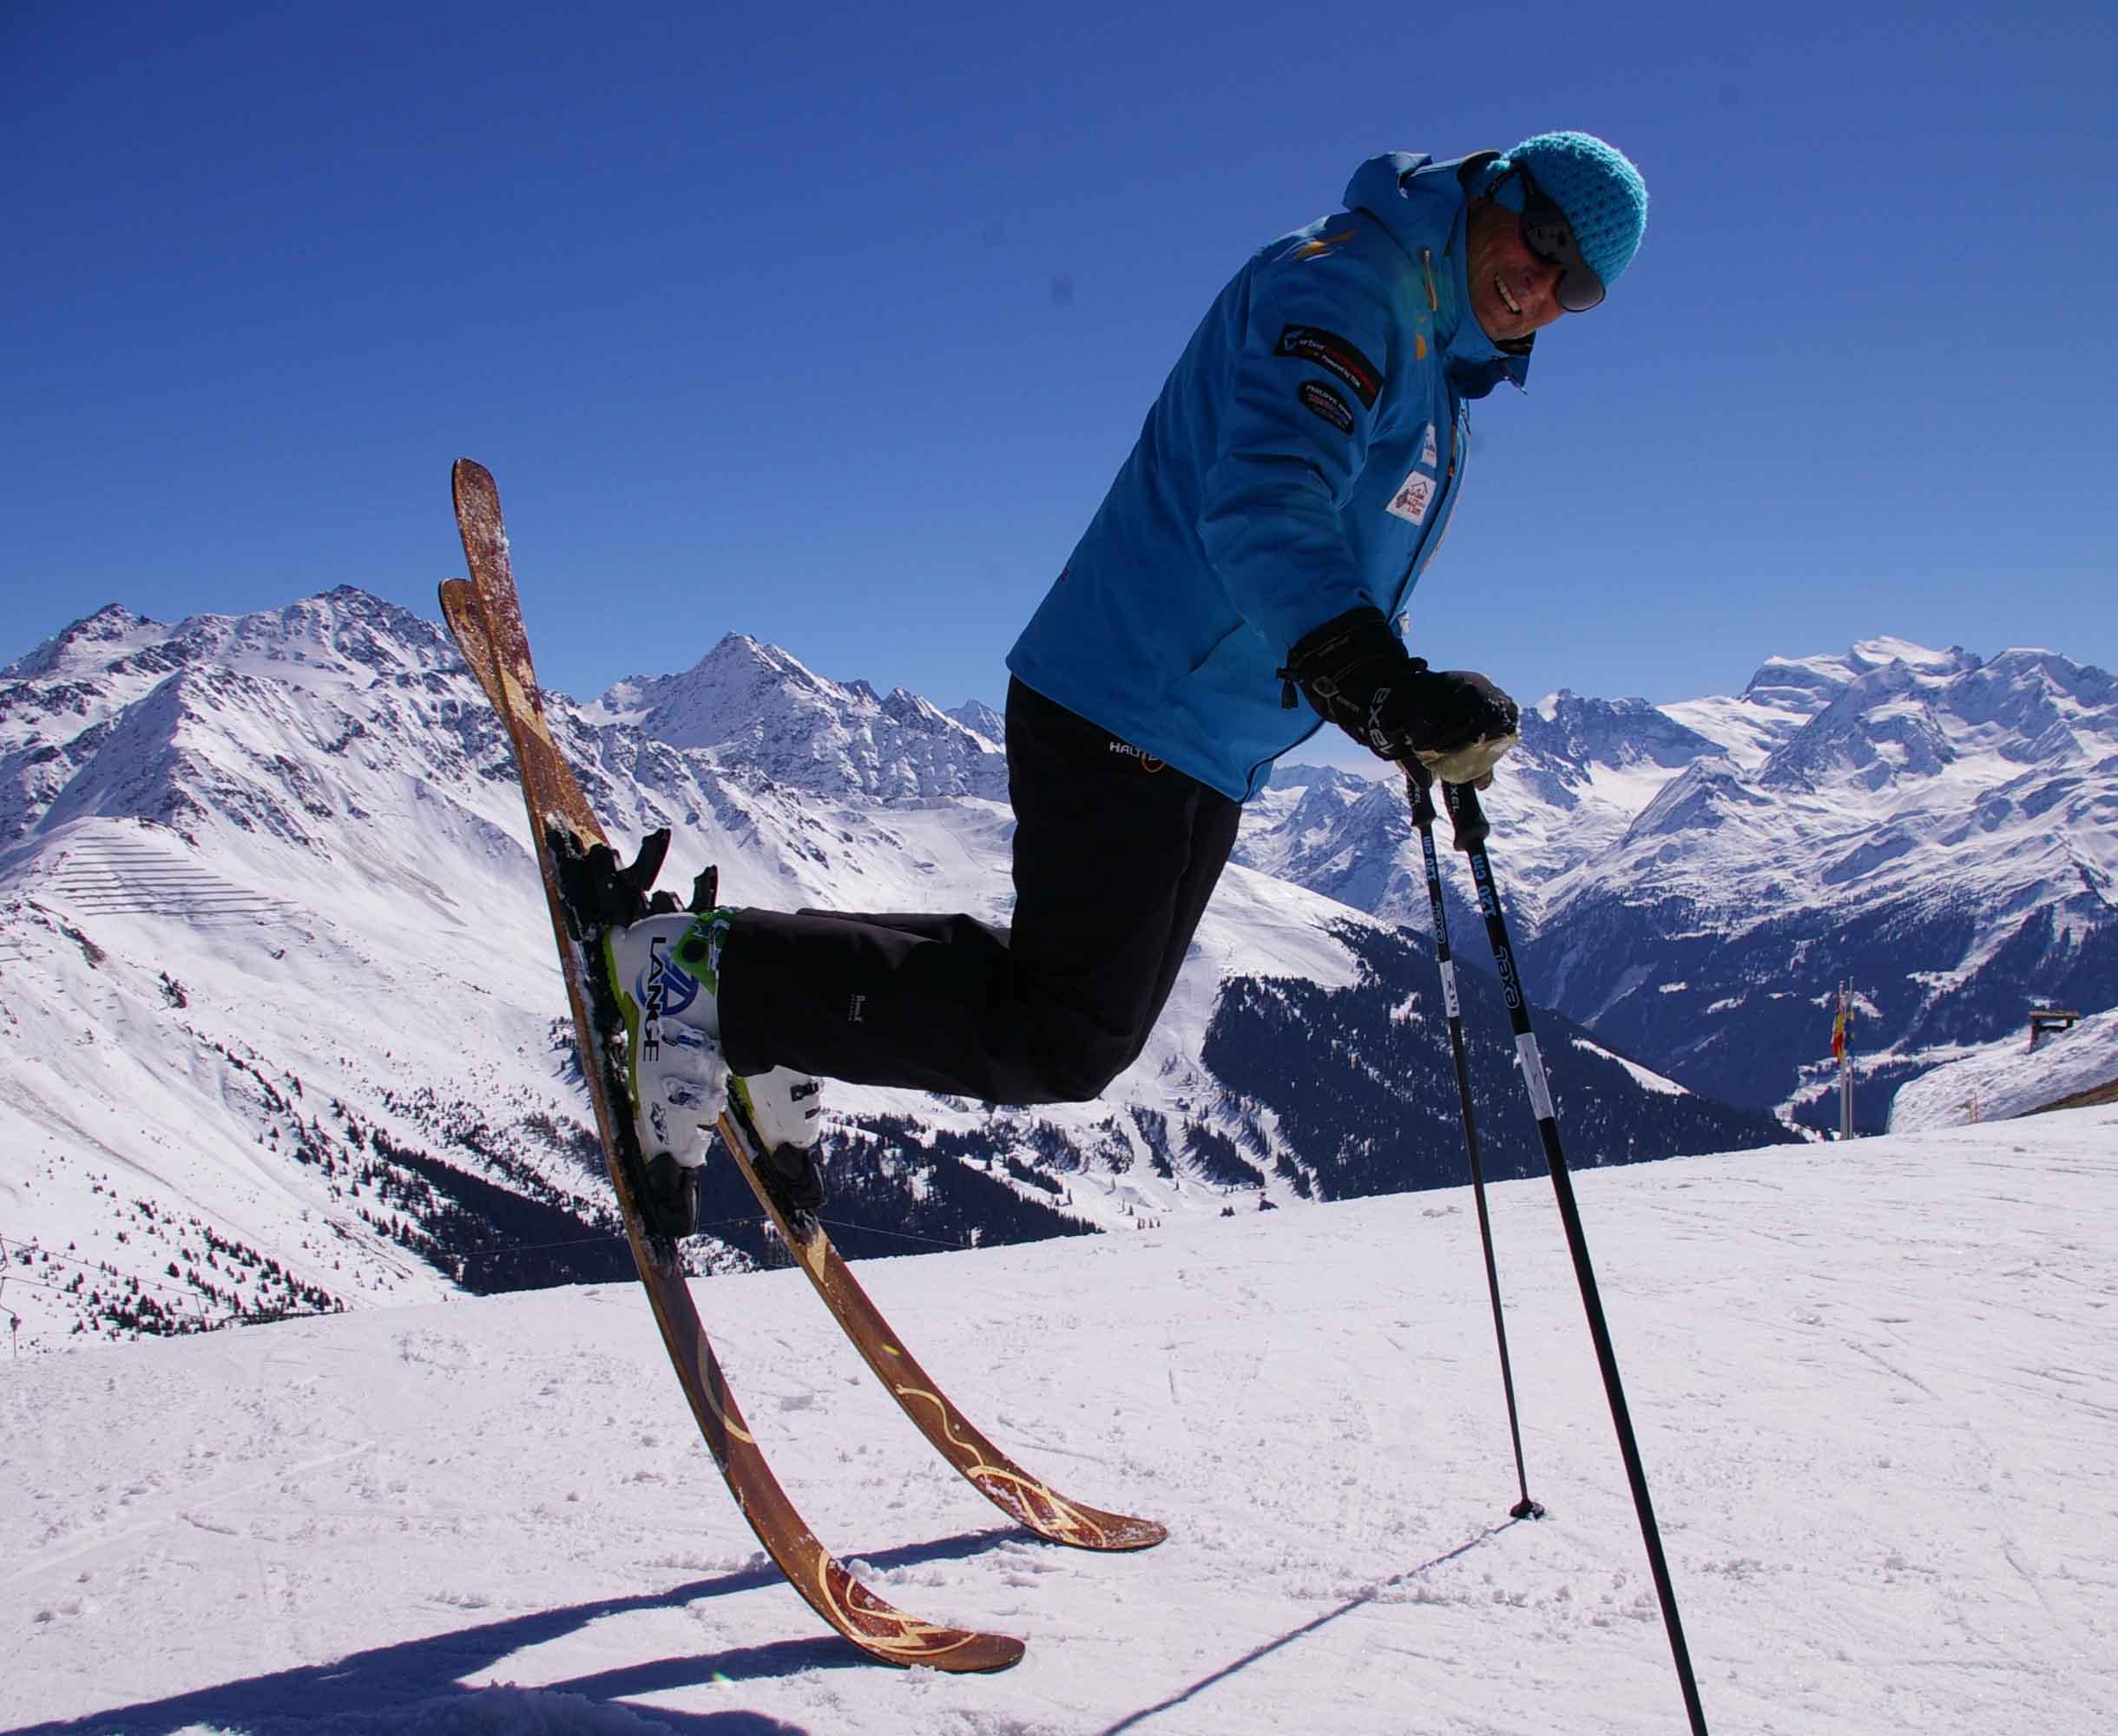 008 Amon Dava ski bois thierry